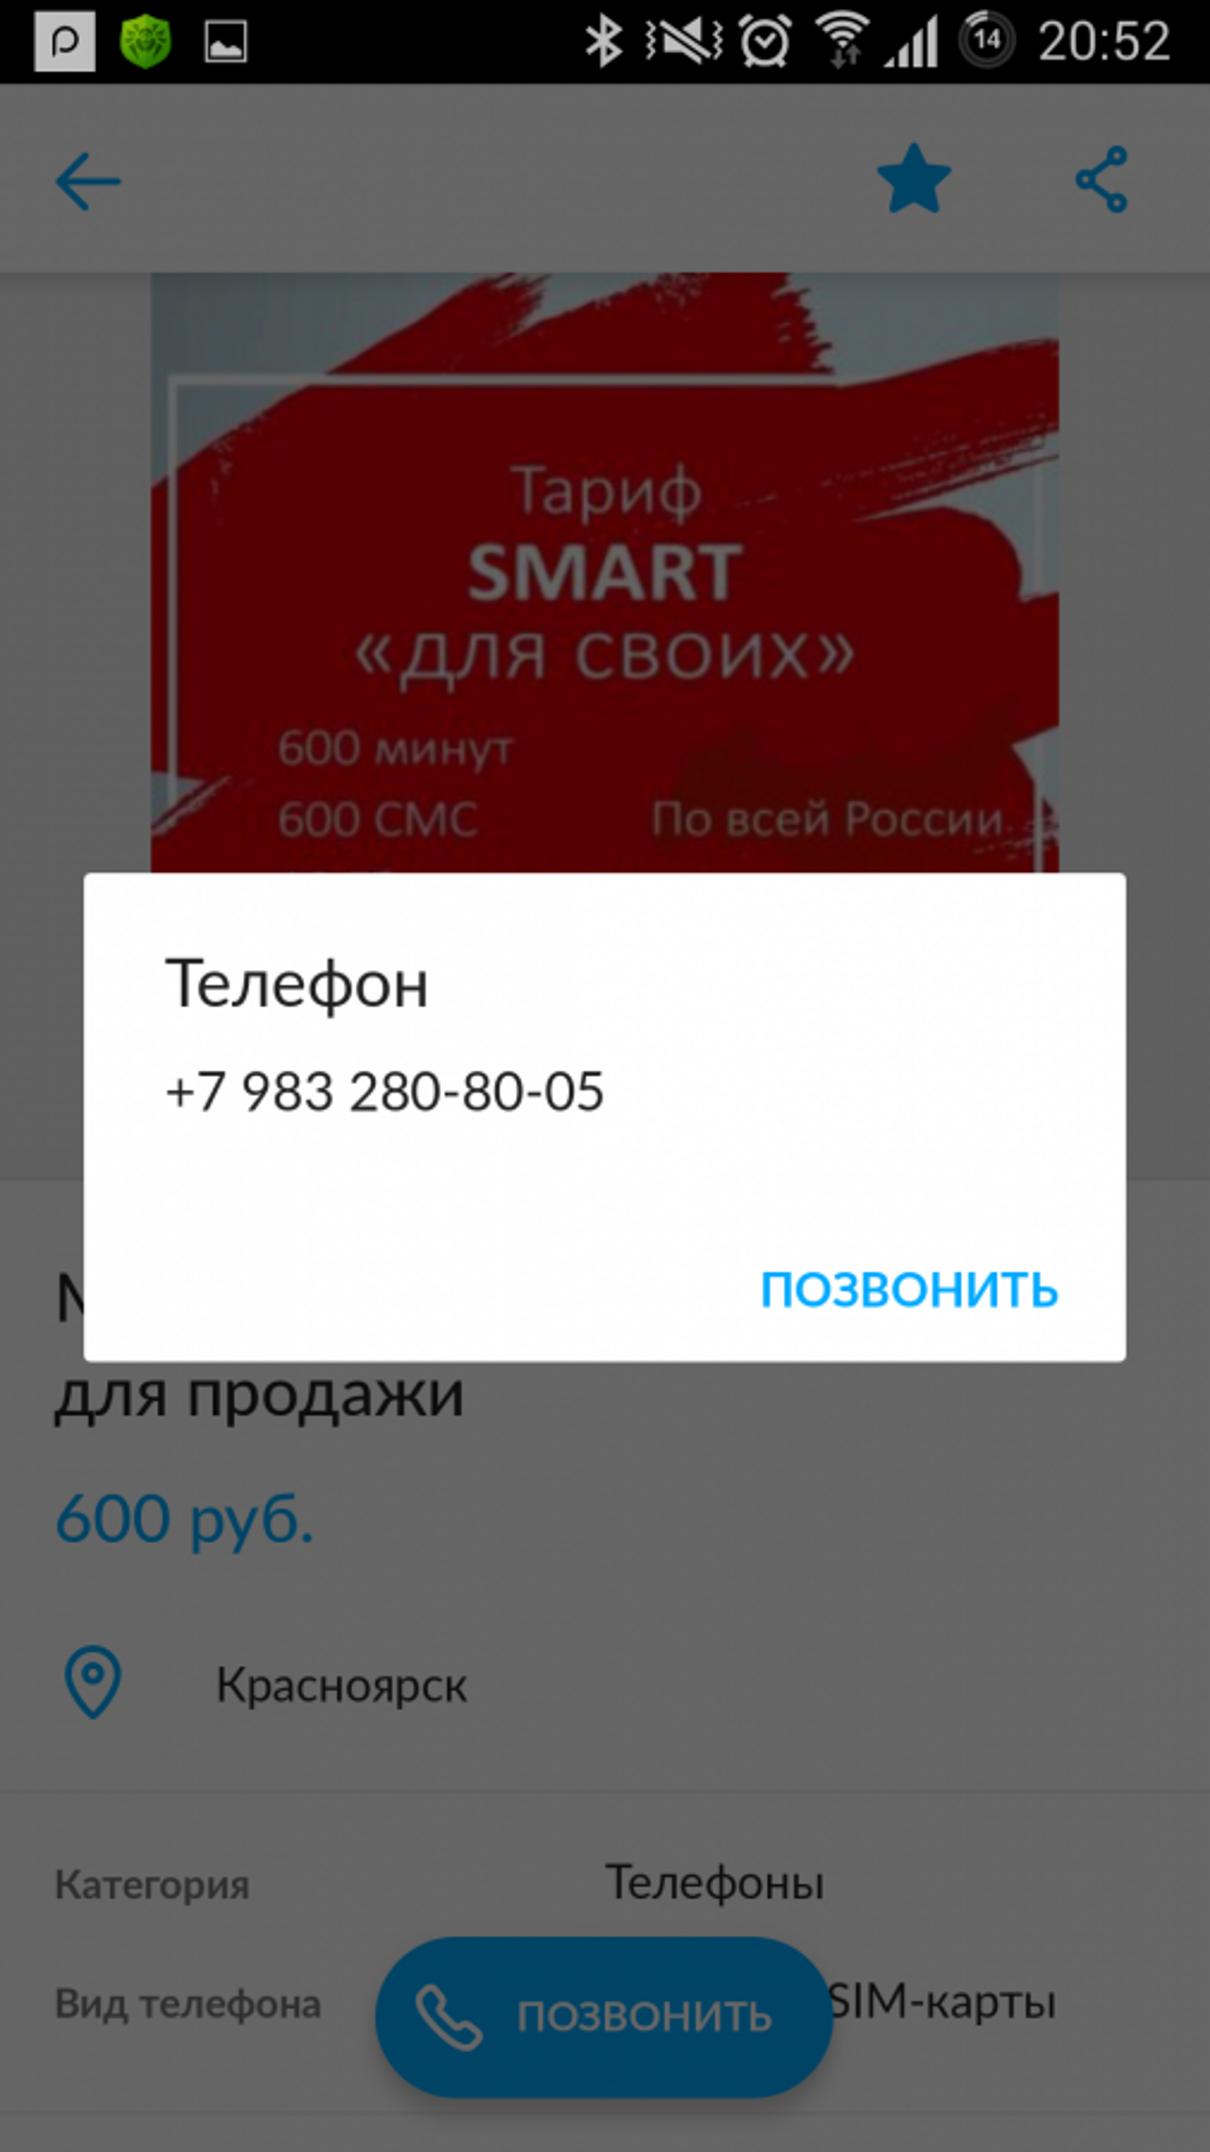 Жалоба-отзыв: Анатолий - Smart для своих от гнилого Анатолия